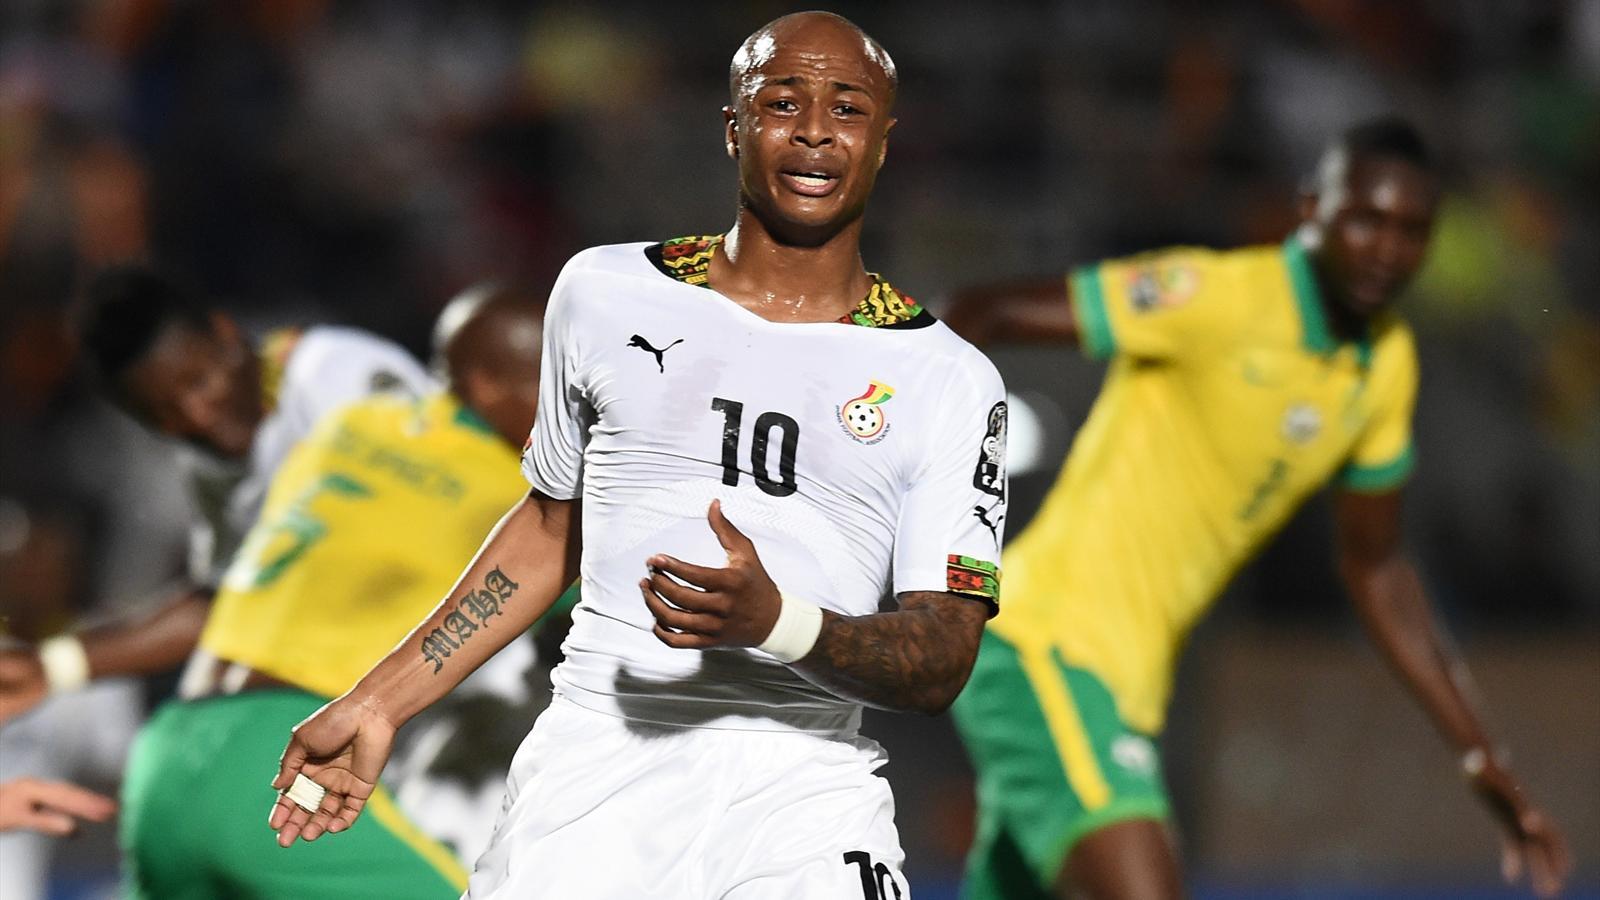 En direct live afrique du sud ghana coupe d 39 afrique des nations 27 janvier 2015 eurosport - Regarder coupe d afrique en direct ...